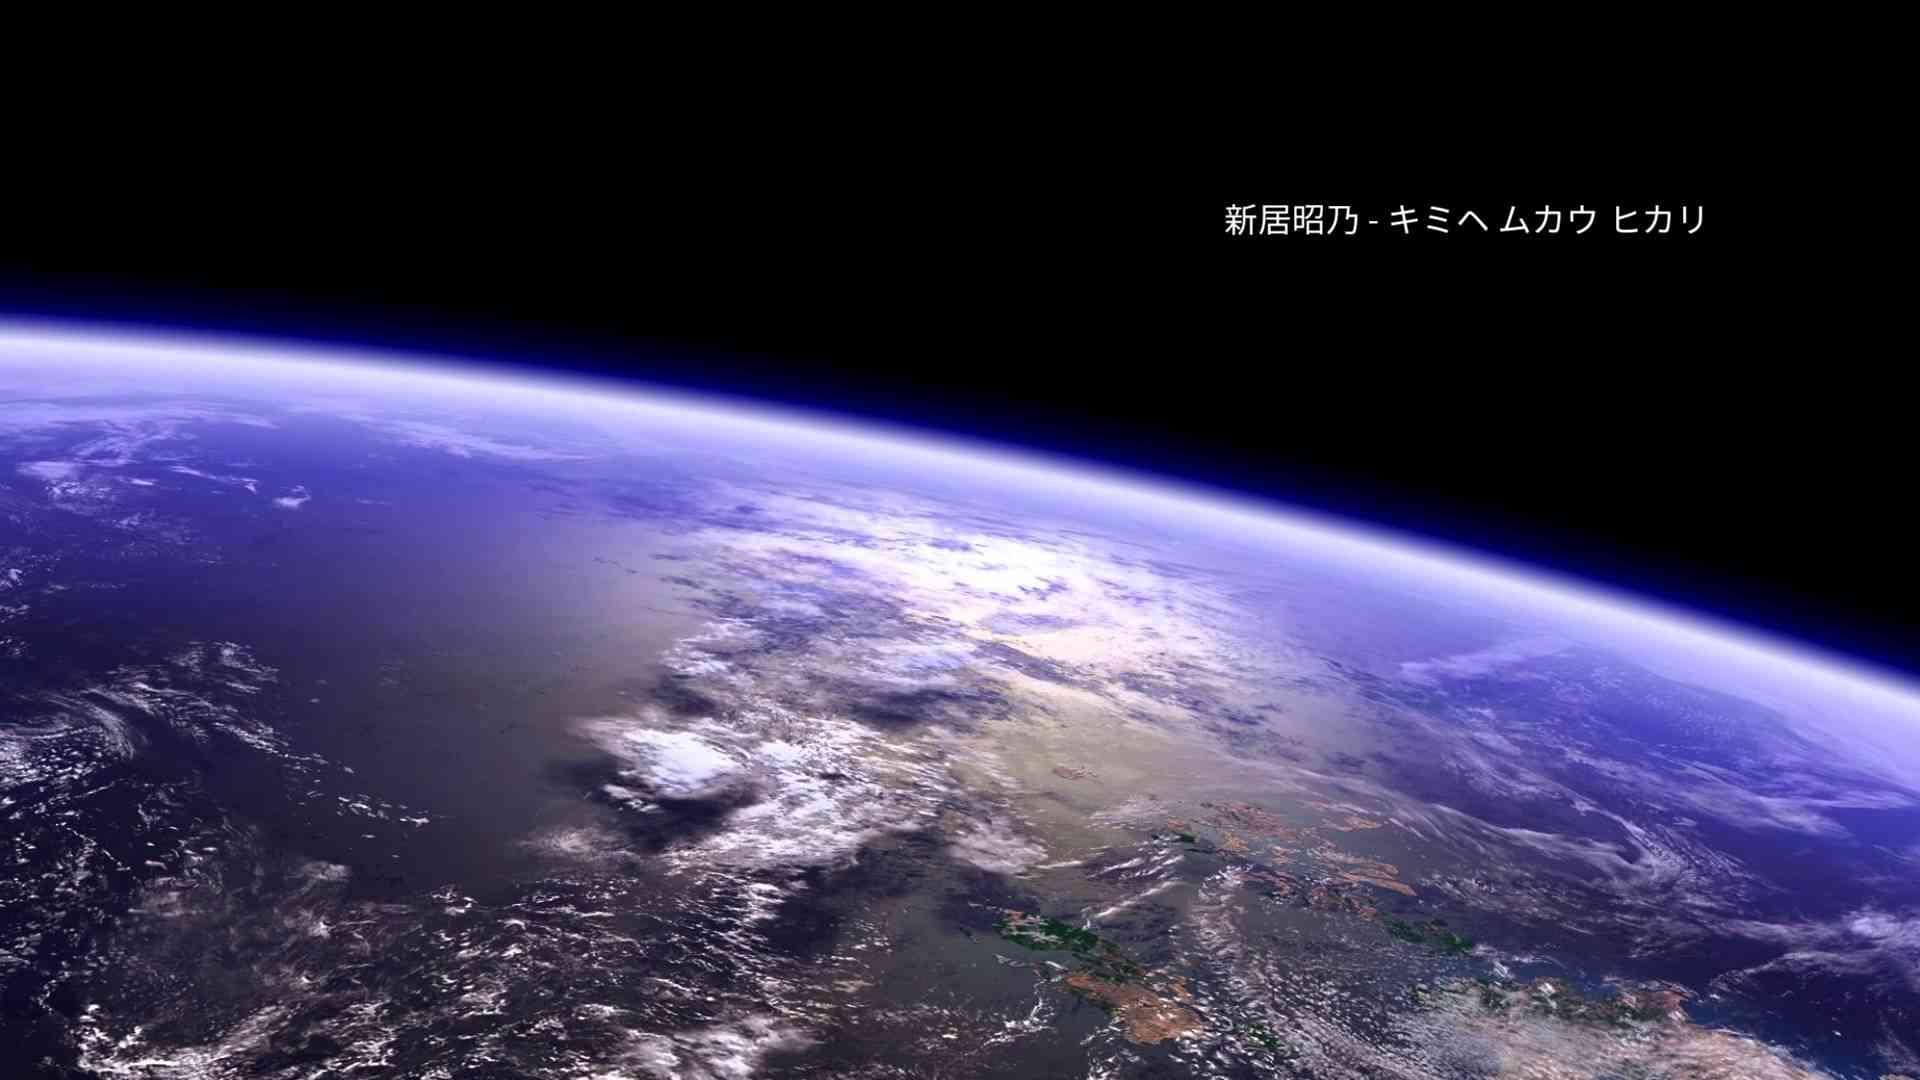 新居昭乃 - キミヘ ムカウ ヒカリ - YouTube